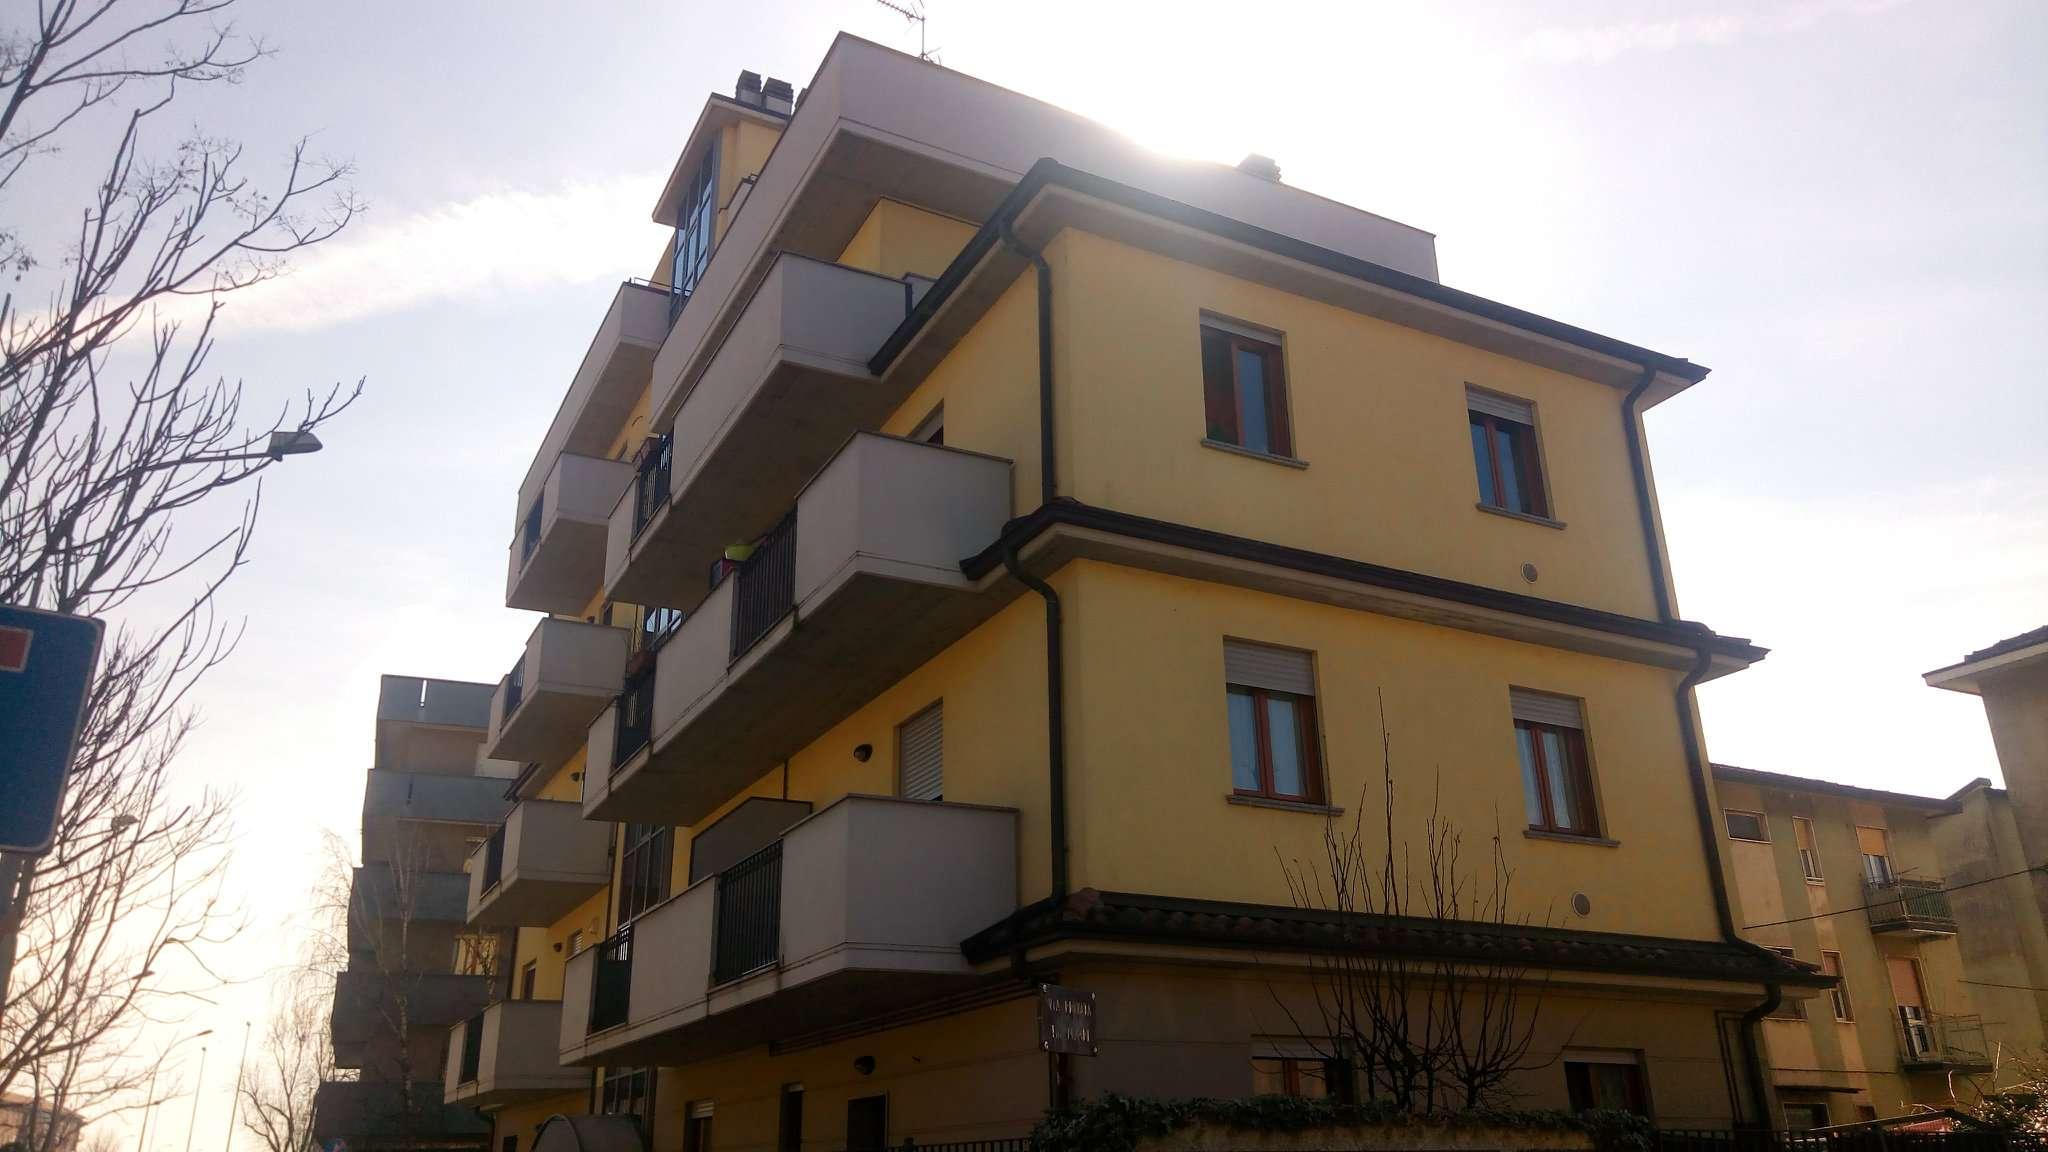 Appartamento in affitto a San Giuliano Milanese, 2 locali, prezzo € 500 | CambioCasa.it